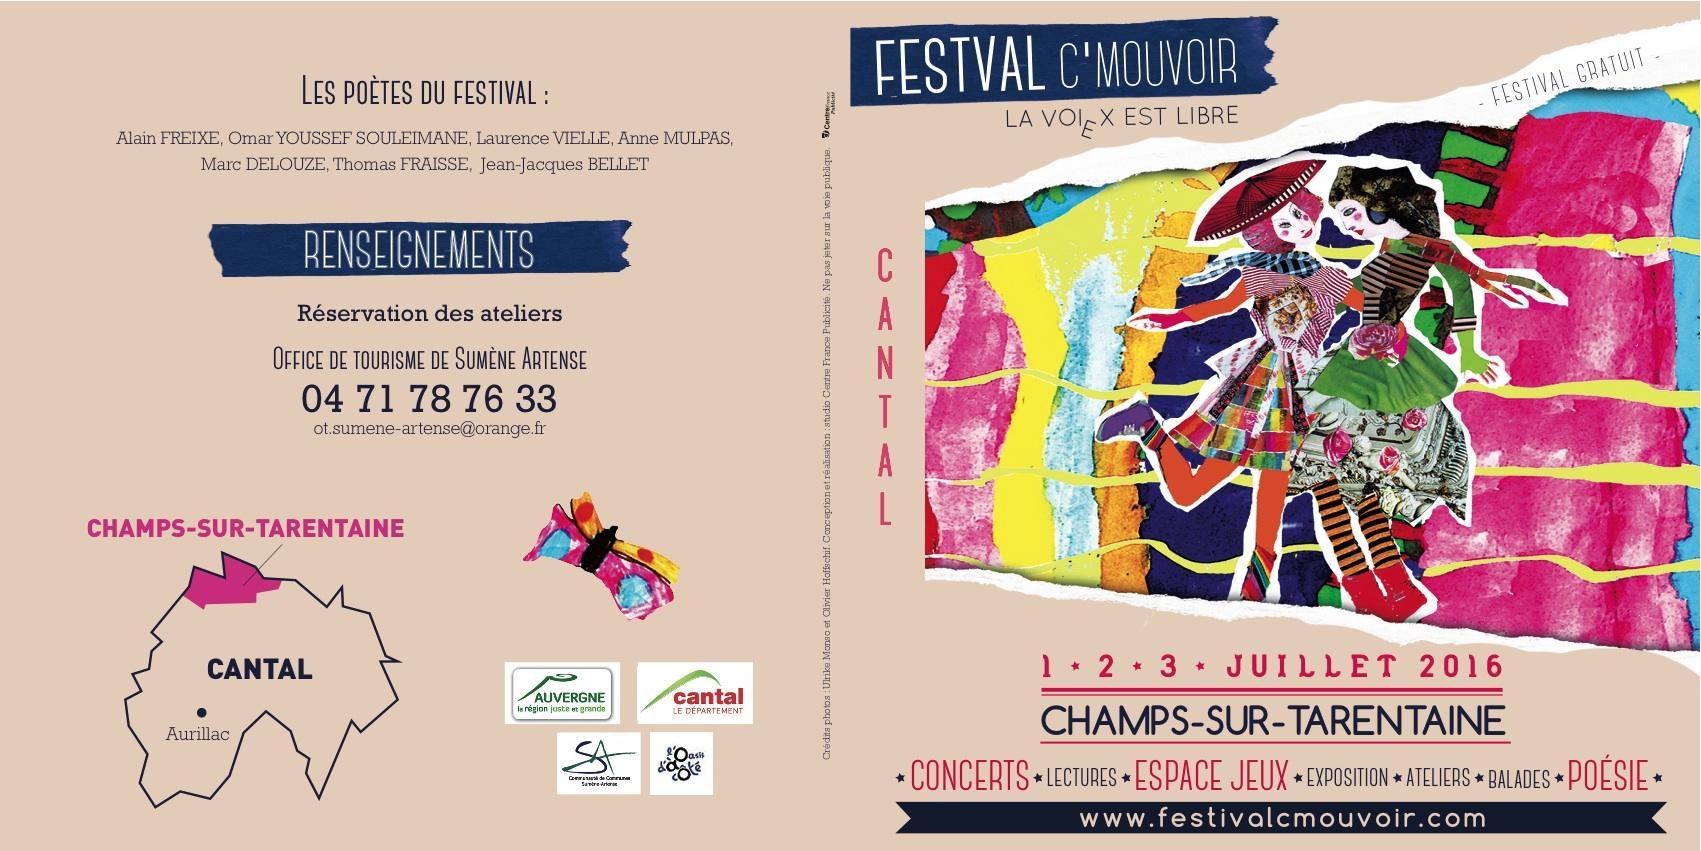 festival c'mouvoir